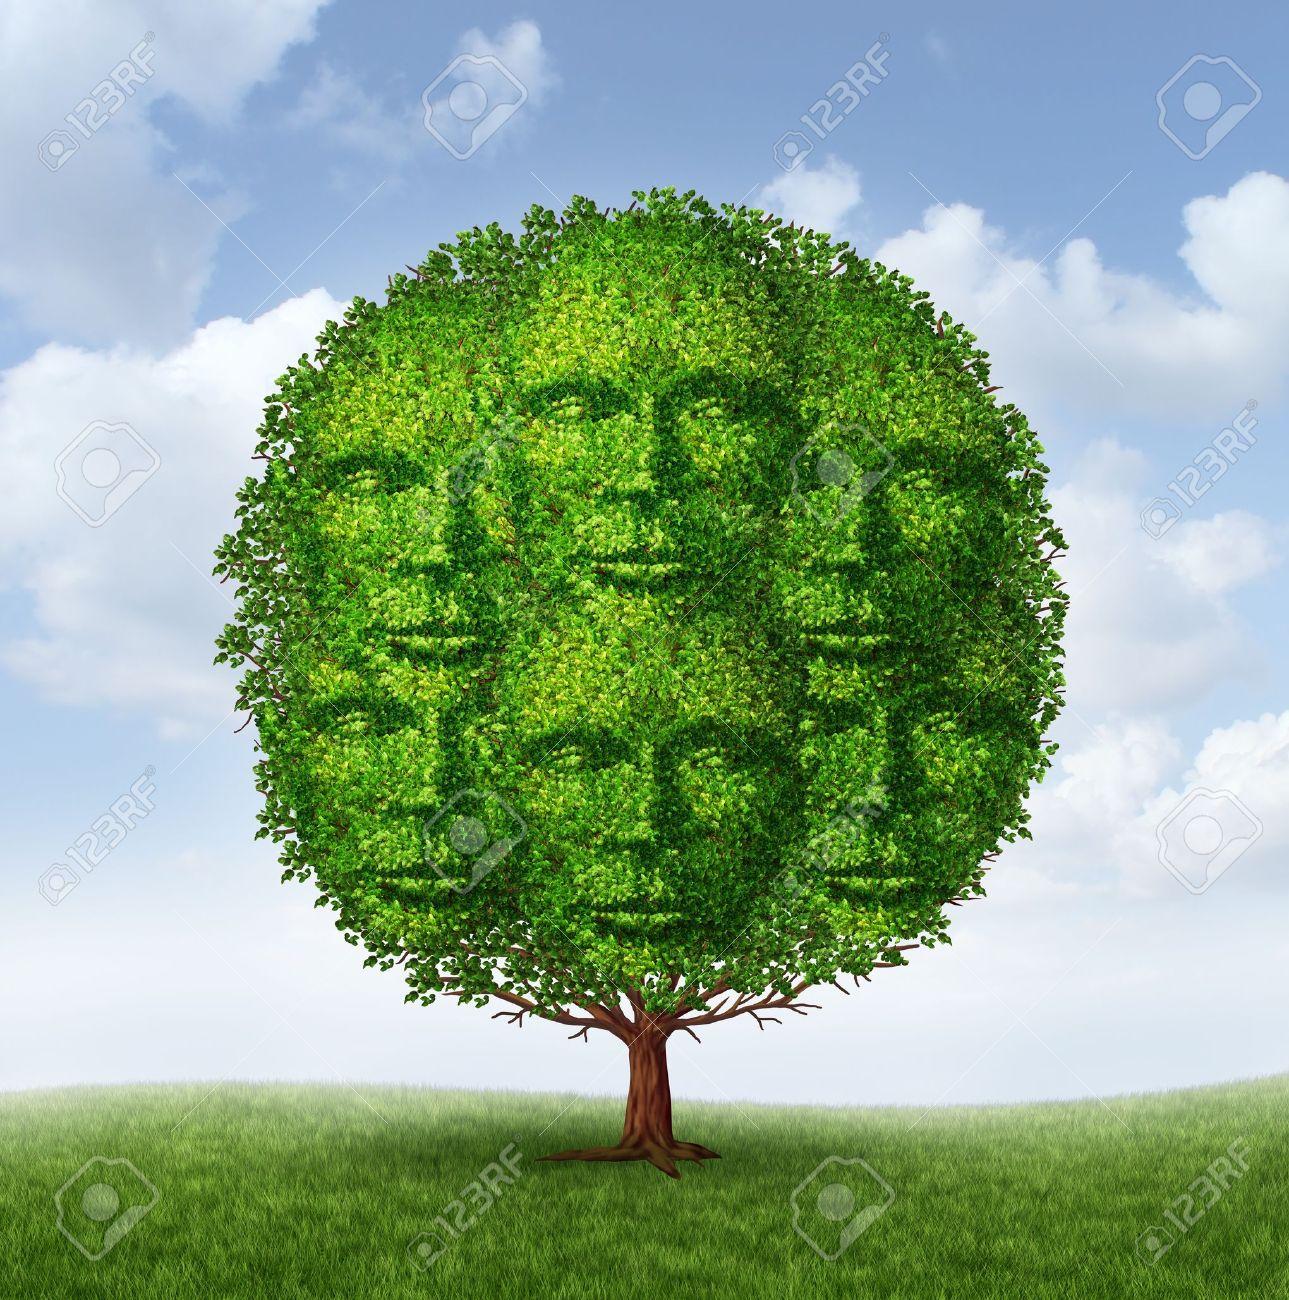 Creciente Grupo De La Comunidad Como Un árbol Con Hojas Verdes En ...